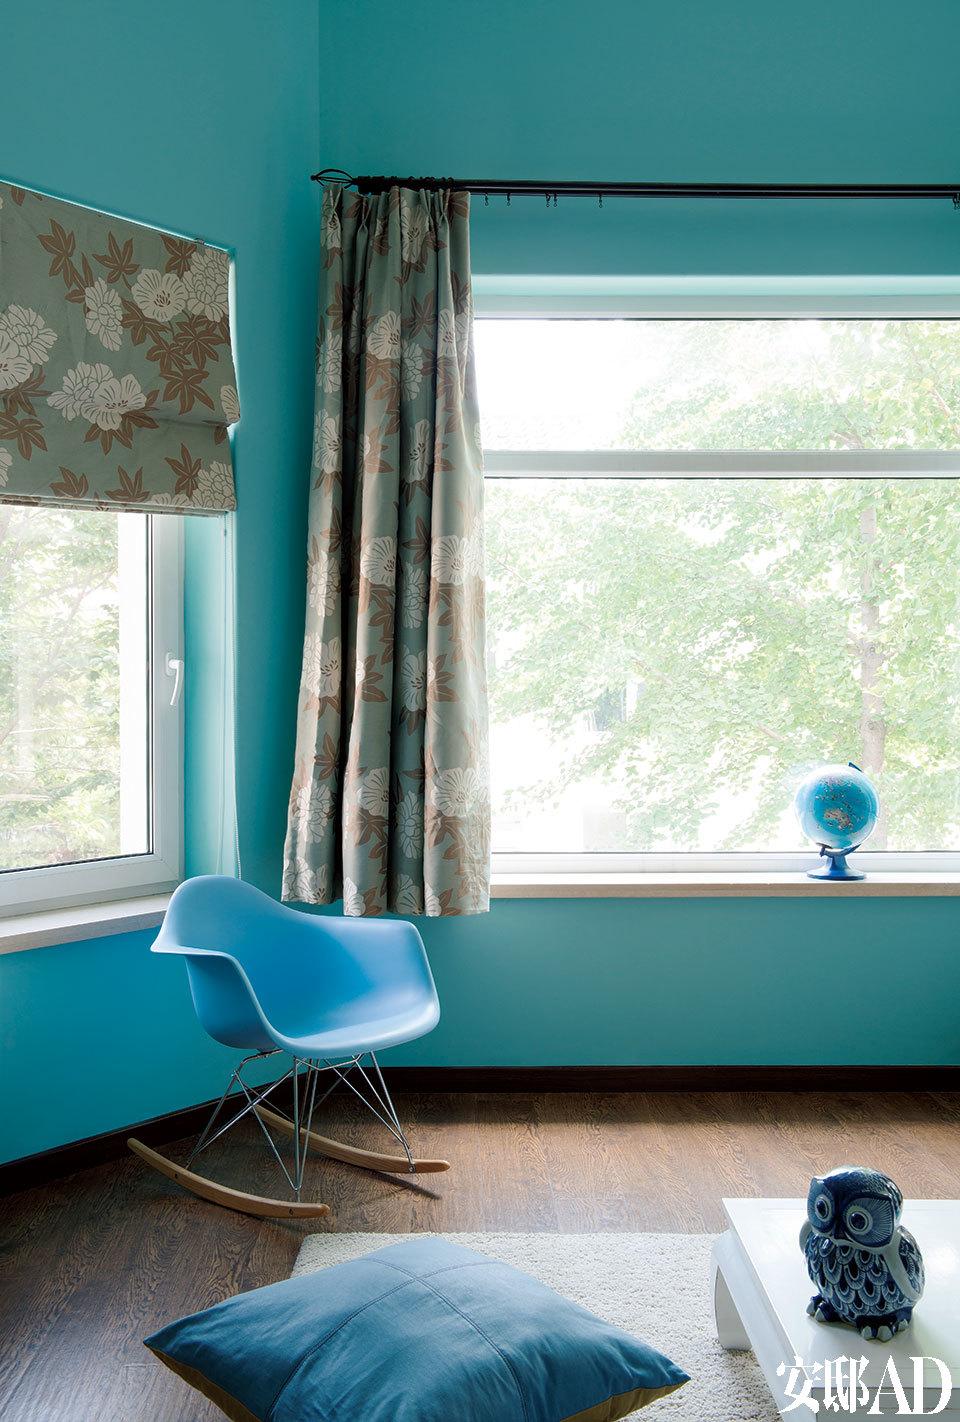 大女儿Ava爱极了那象征明媚的浅蓝,母亲于是为她装点出一间如晴空环绕般的卧房。Ava的卧室窗外绿树成荫,窗帘布艺是Trine从法国定制回来的,蓝色扶手椅依然是一款Eames椅的复刻版,白色羊毛地毯来自Ikea宜家家居。